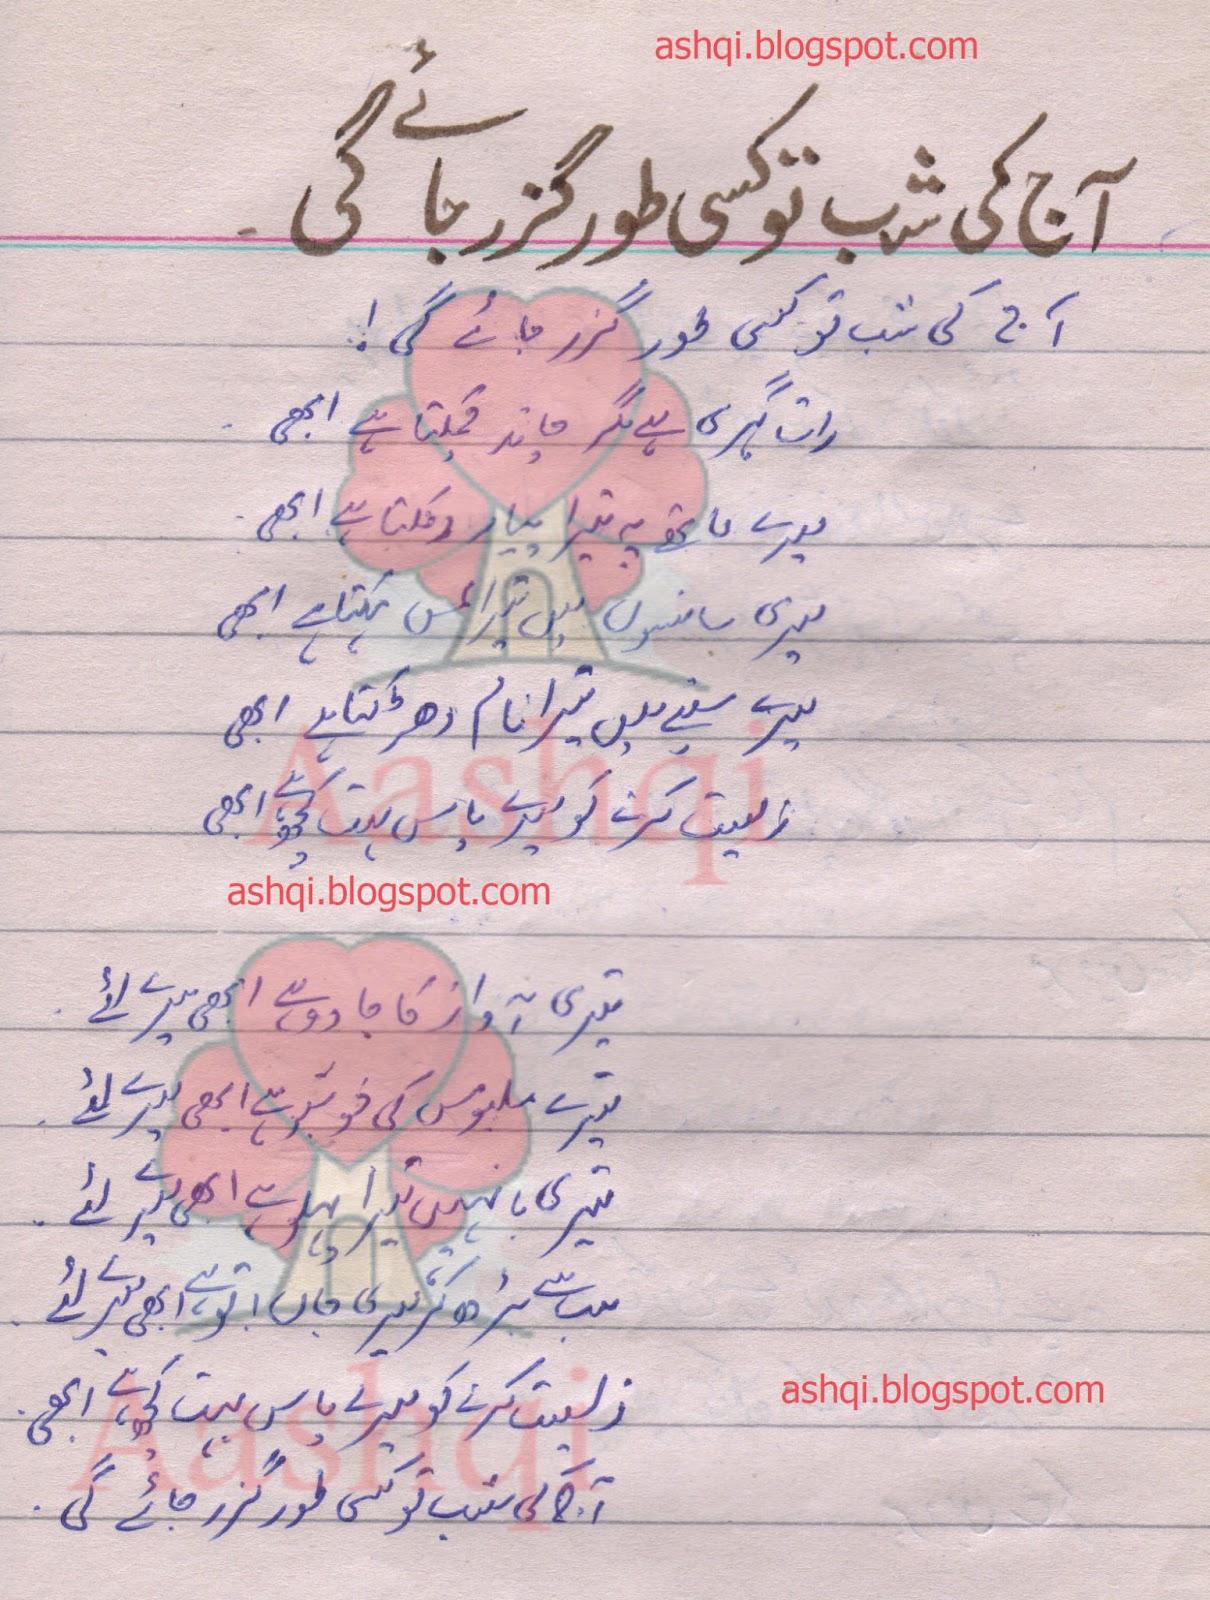 June 2013 - Love Quotes | Urdu Shayari | Love Wallpapers